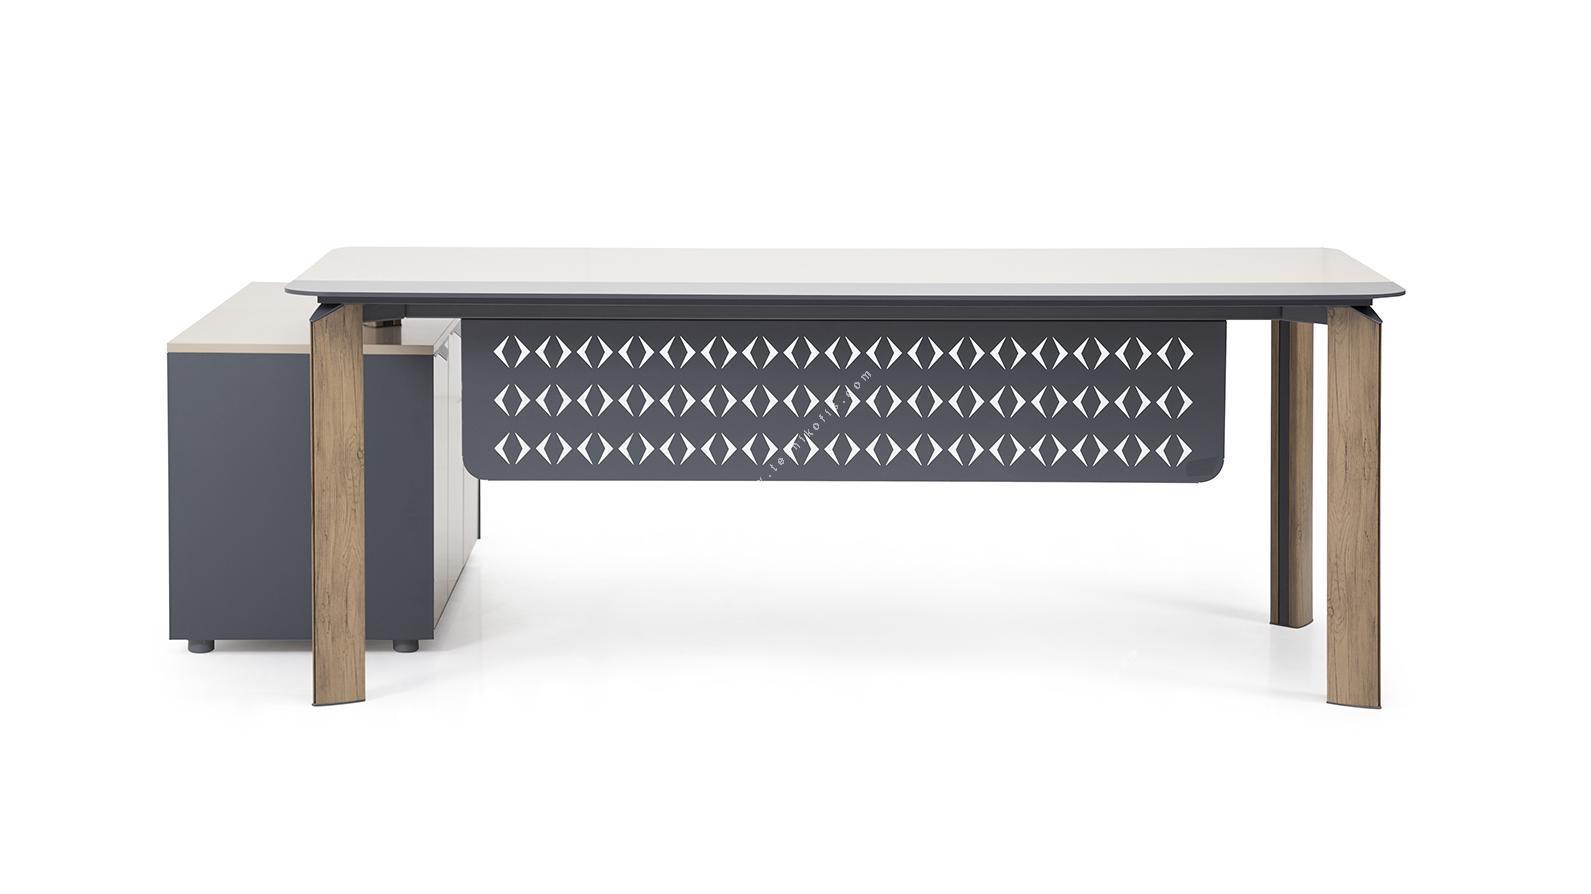 swap etajerli yönetici masası 180cm